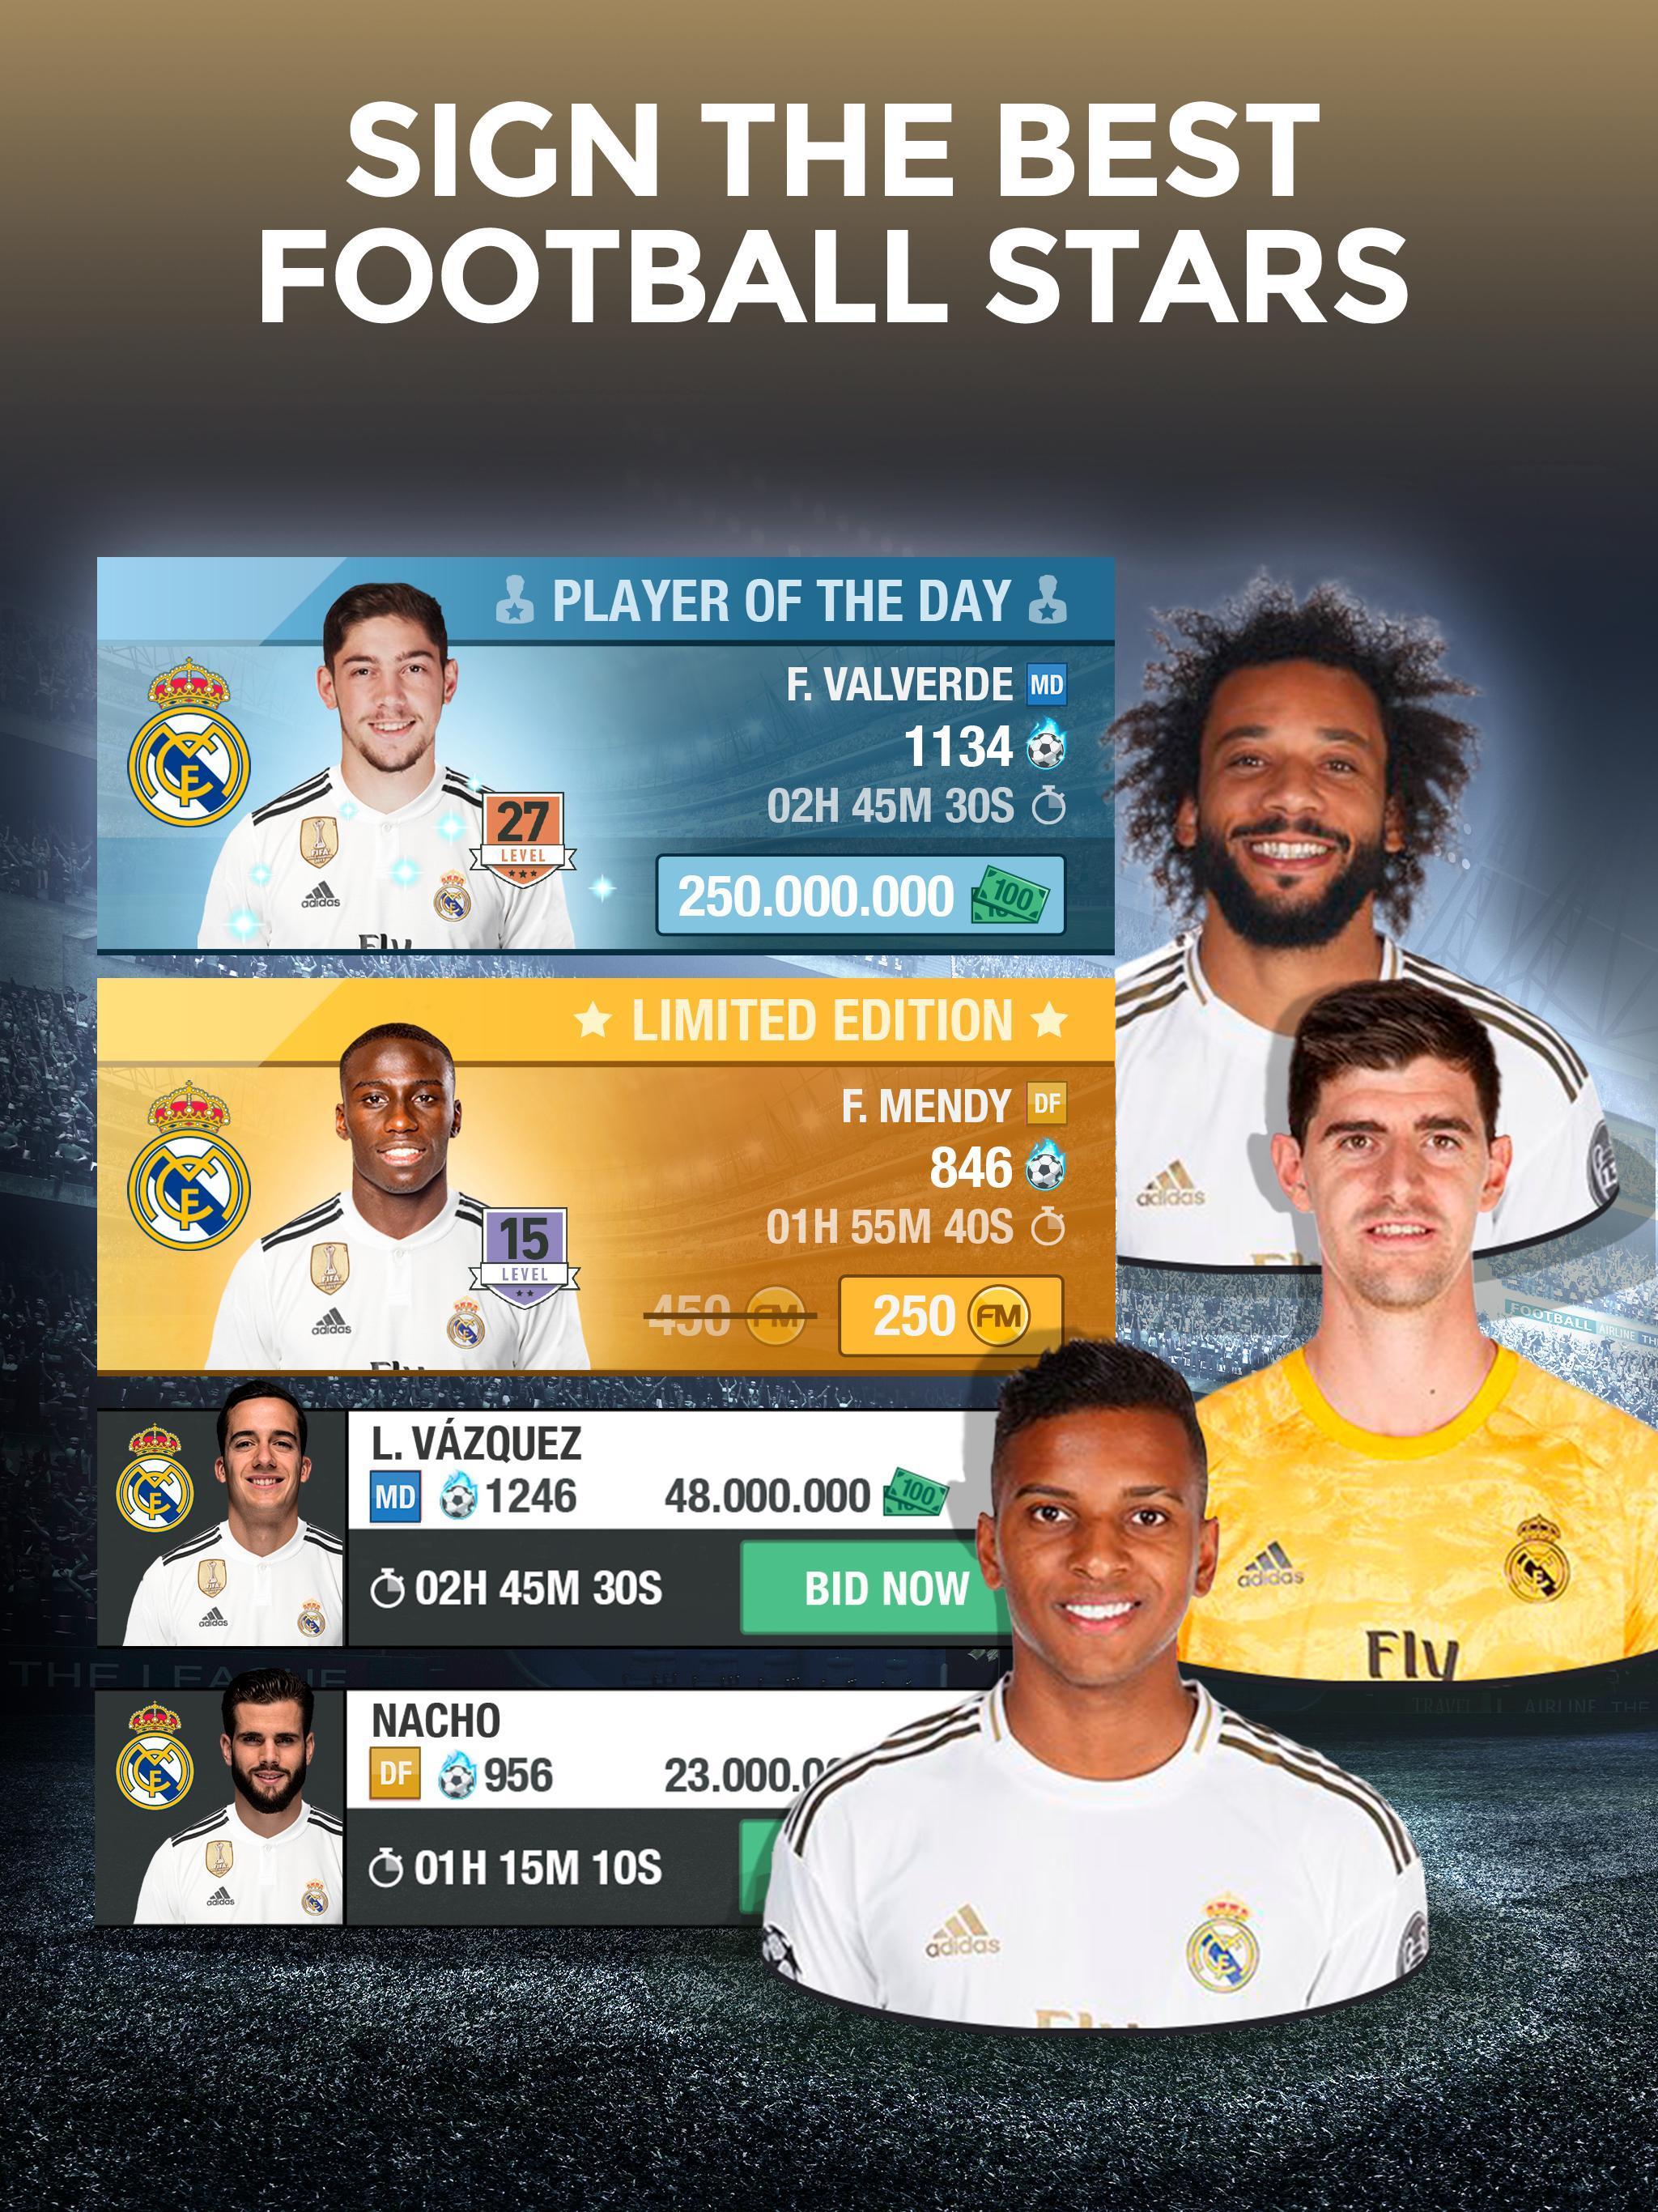 Real Madrid Fantasy Manager'20 Real football live screenshot 7